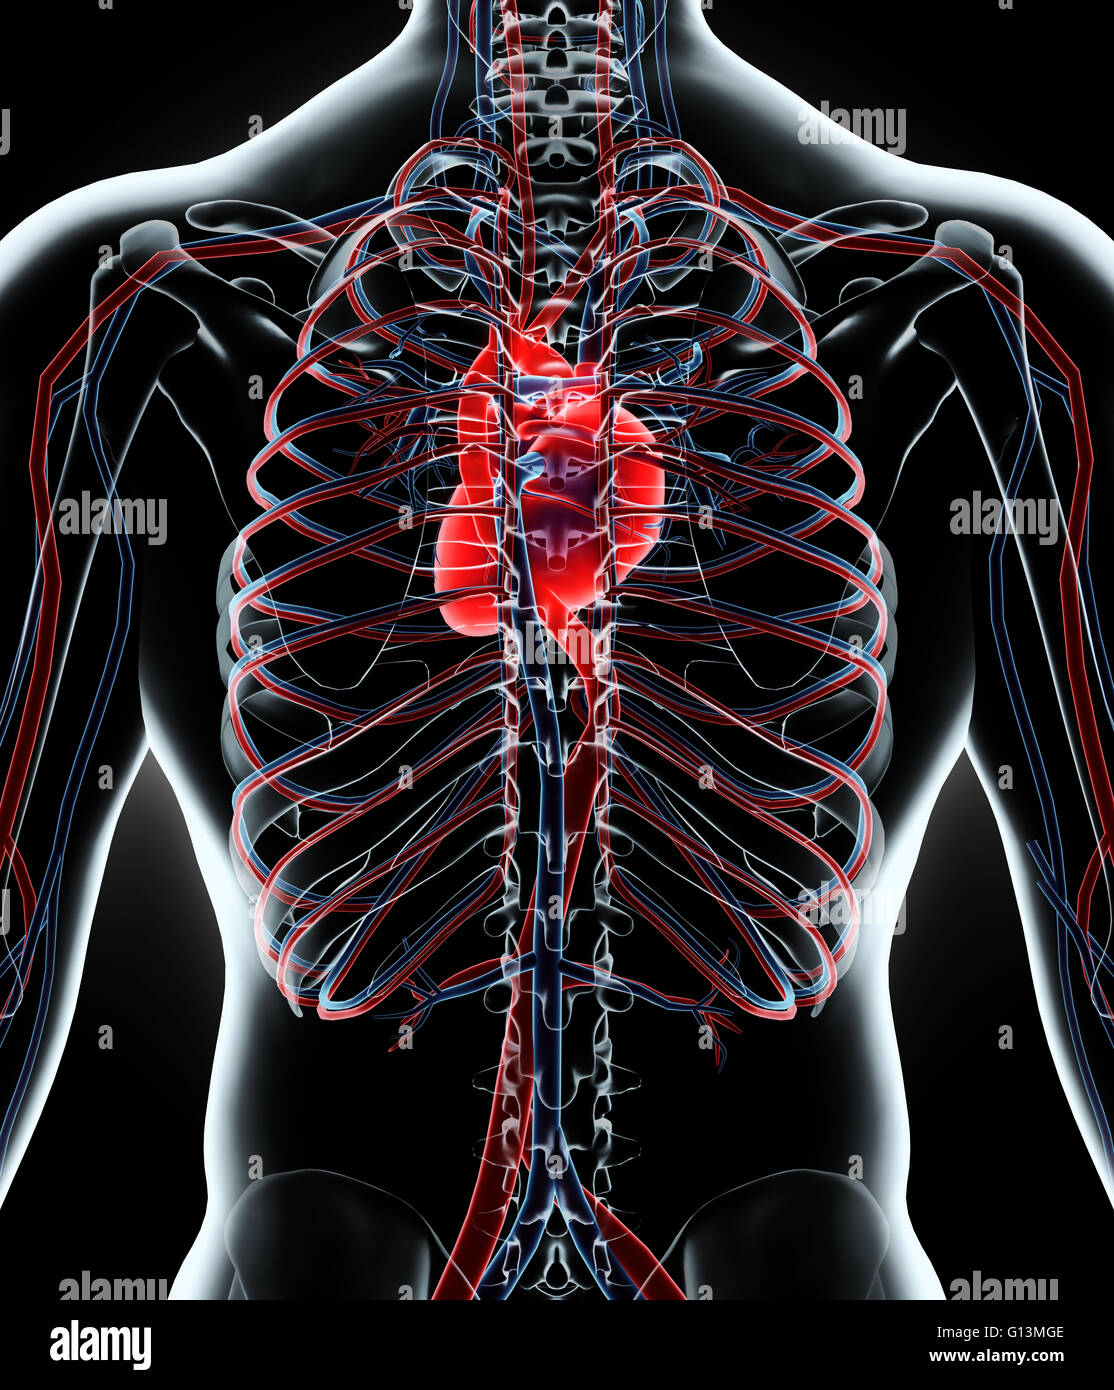 Fantastisch Herz Kreislauf System Organe Und Funktionen Ideen ...